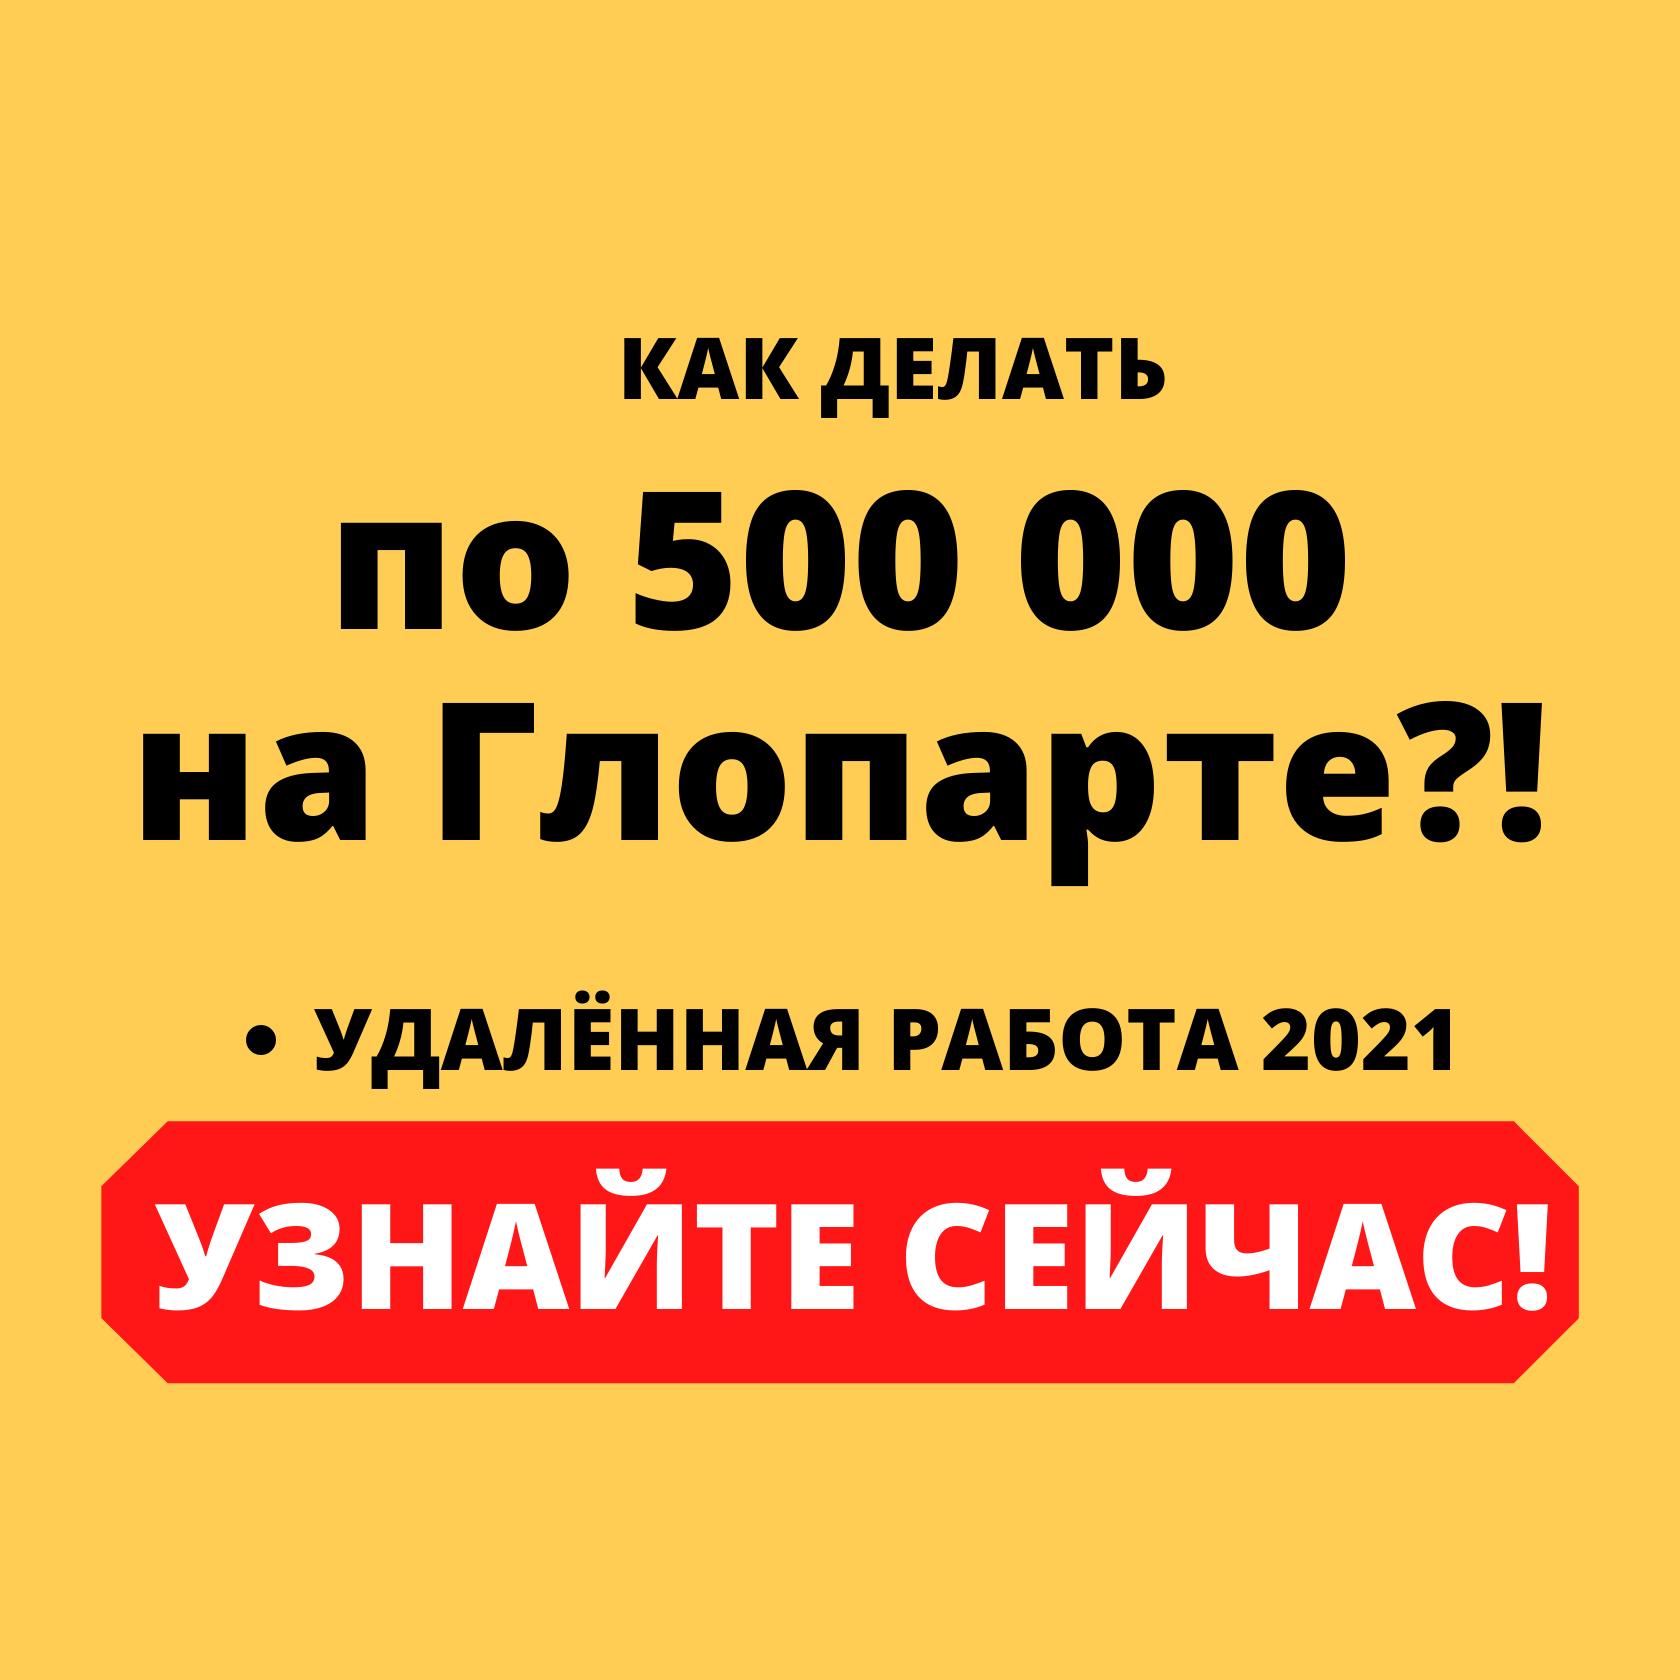 500 000 на Глопарте